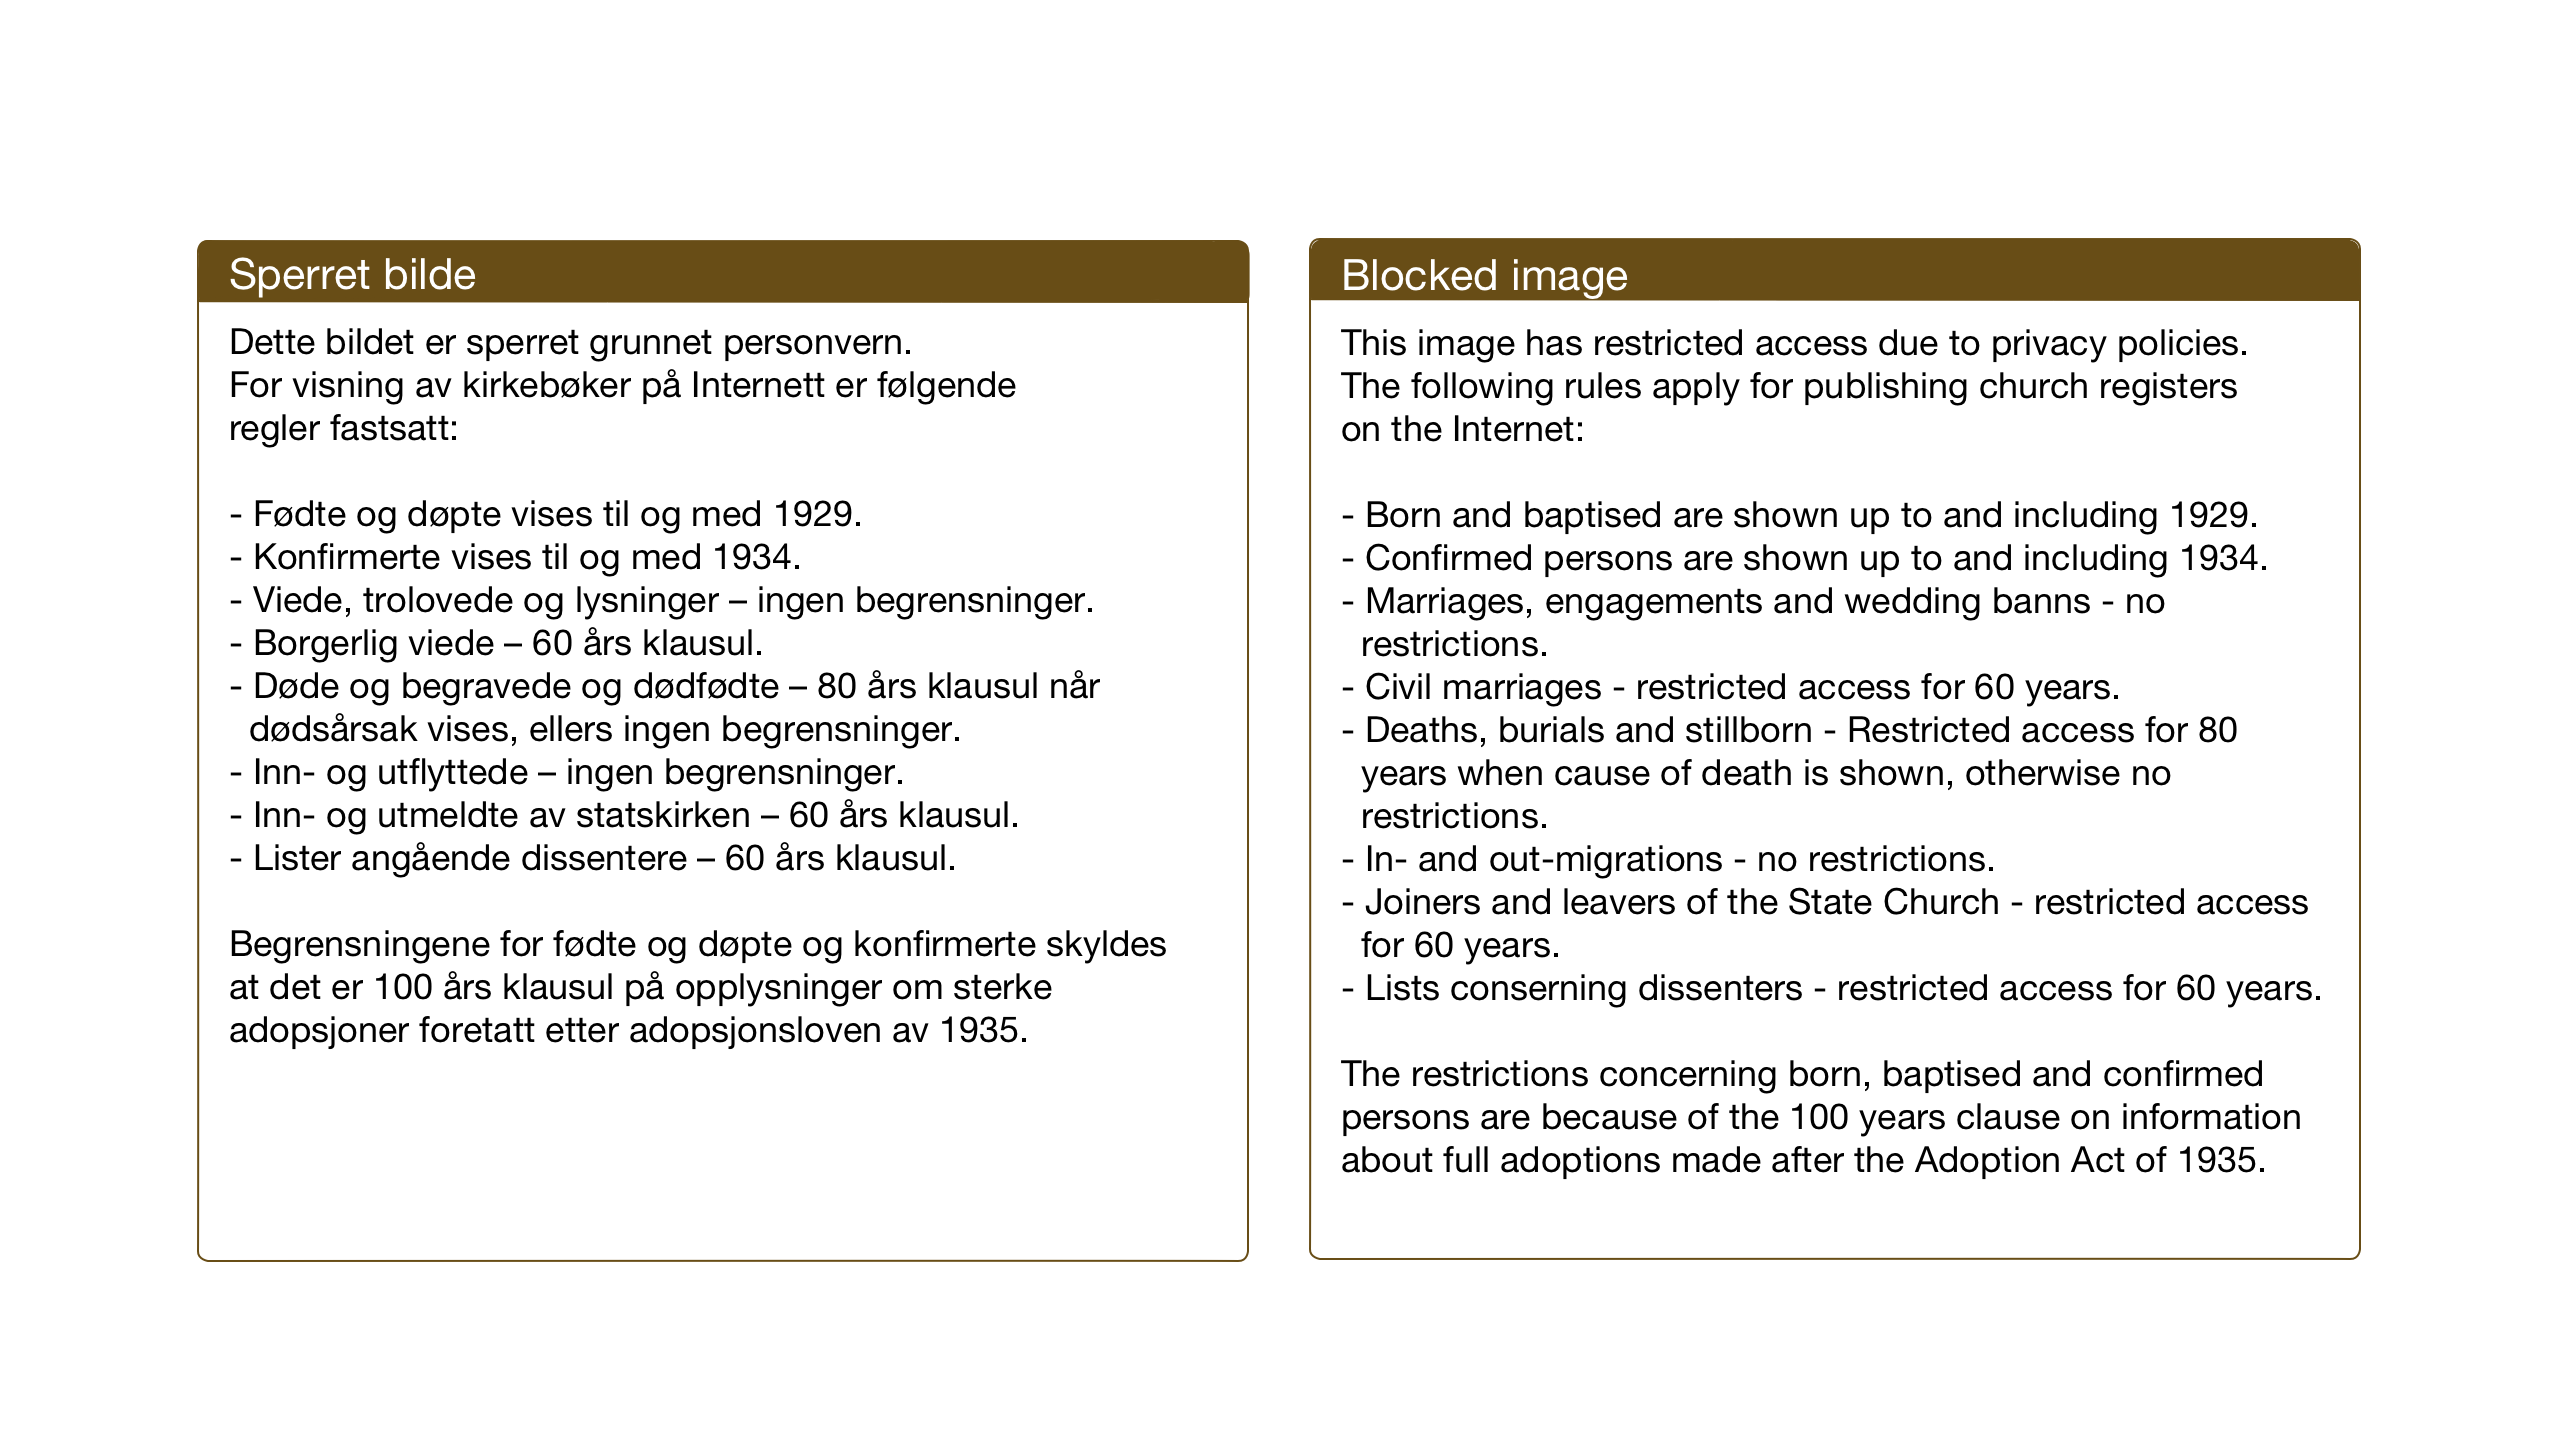 SAT, Ministerialprotokoller, klokkerbøker og fødselsregistre - Sør-Trøndelag, 638/L0569: Klokkerbok nr. 638C01, 1923-1961, s. 32